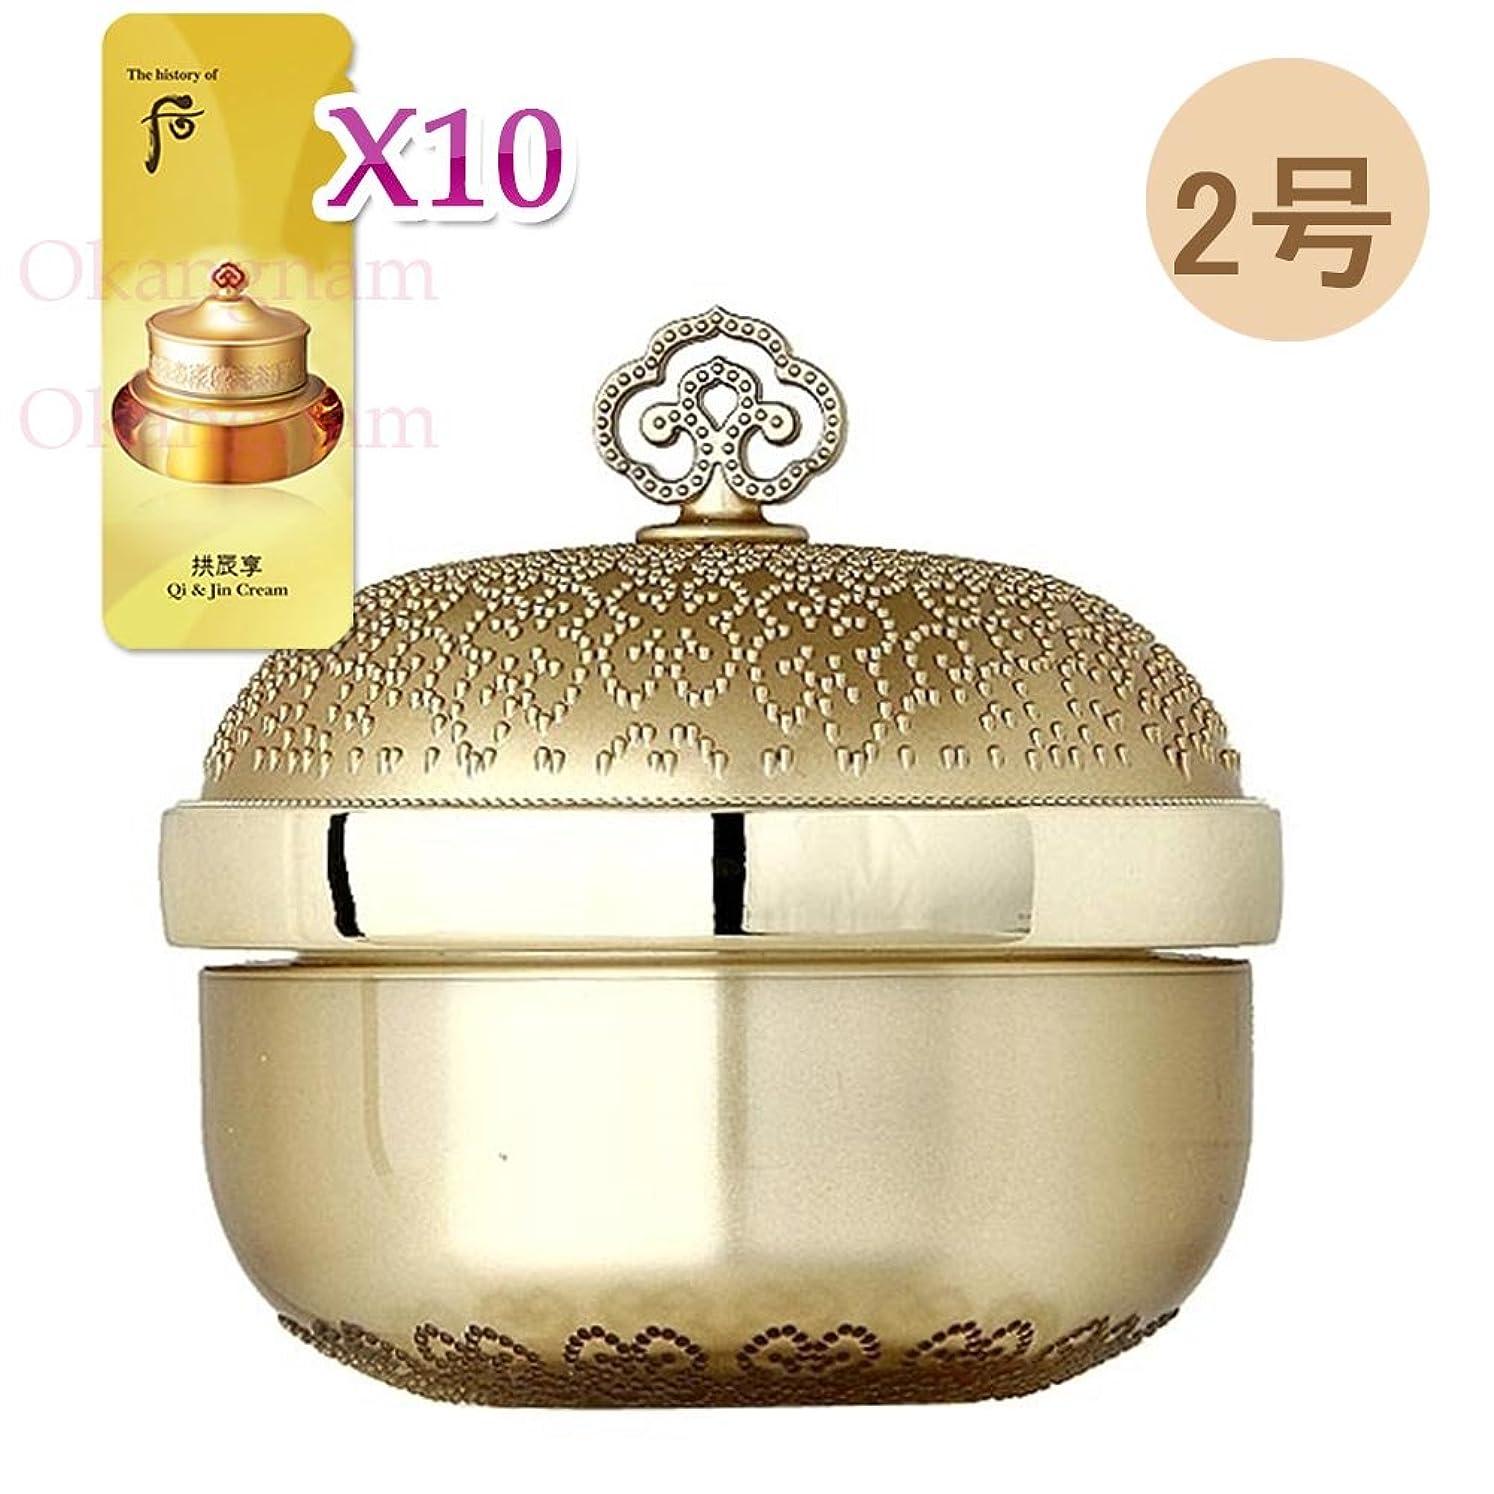 悲惨な現実脳【フー/The history of whoo] Whoo 后 KGM06 GONGJIN HYANG Mi Luxury Foundation/ゴンジンヒャン:美ラグジュアリーファンデーション35ml(2号) + [Sample Gift](海外直送品)